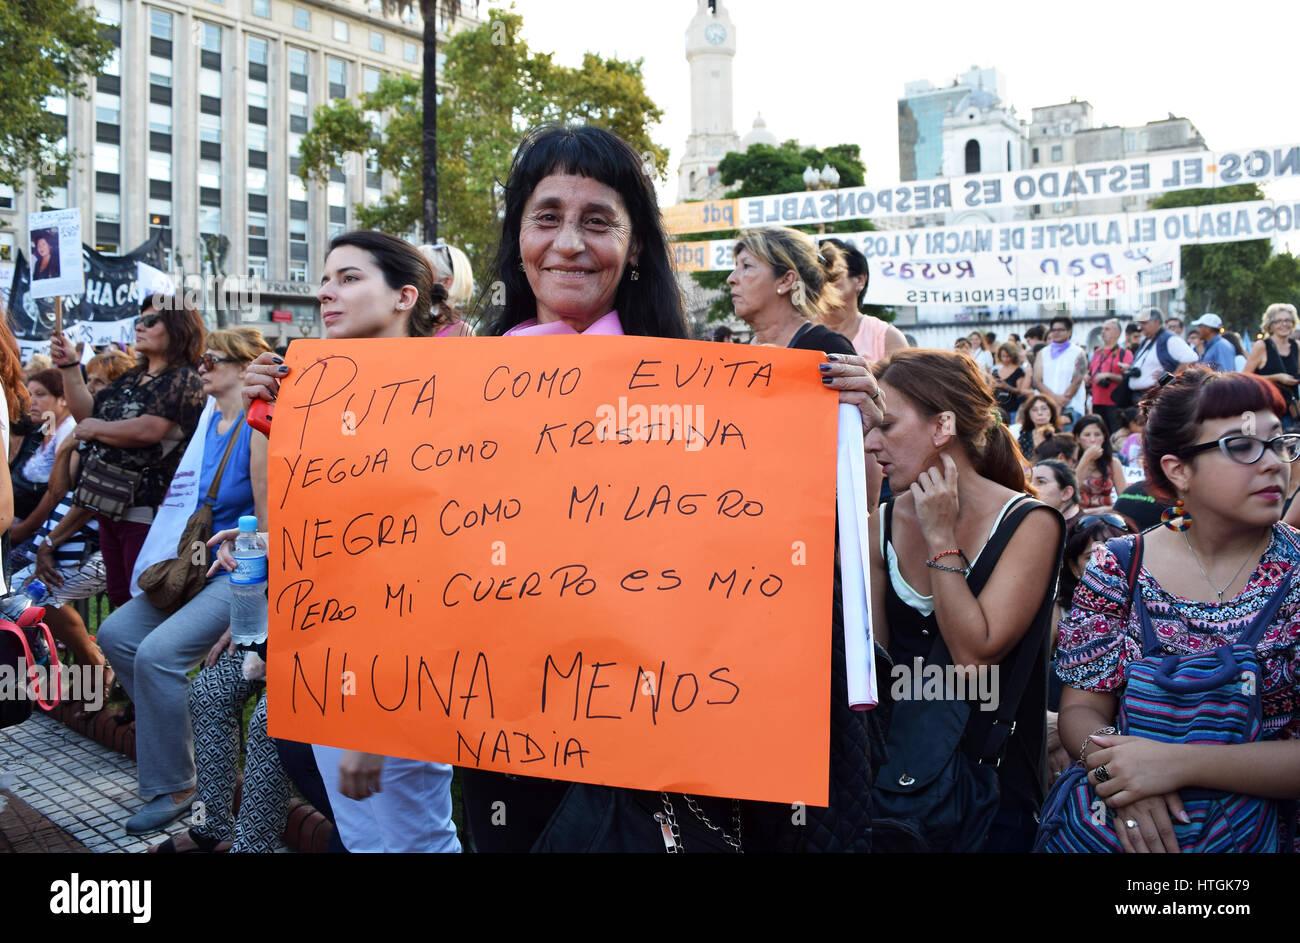 Buenos Aires Argentina Marzo 8 2017 Una Mujer Sosteniendo Un Cartel Durante Una Protesta Conmemorating El Día Internacional De La Mujer El 8 De Marzo De 2017 En Buenos Aires Argentina Fotografía De Stock Alamy